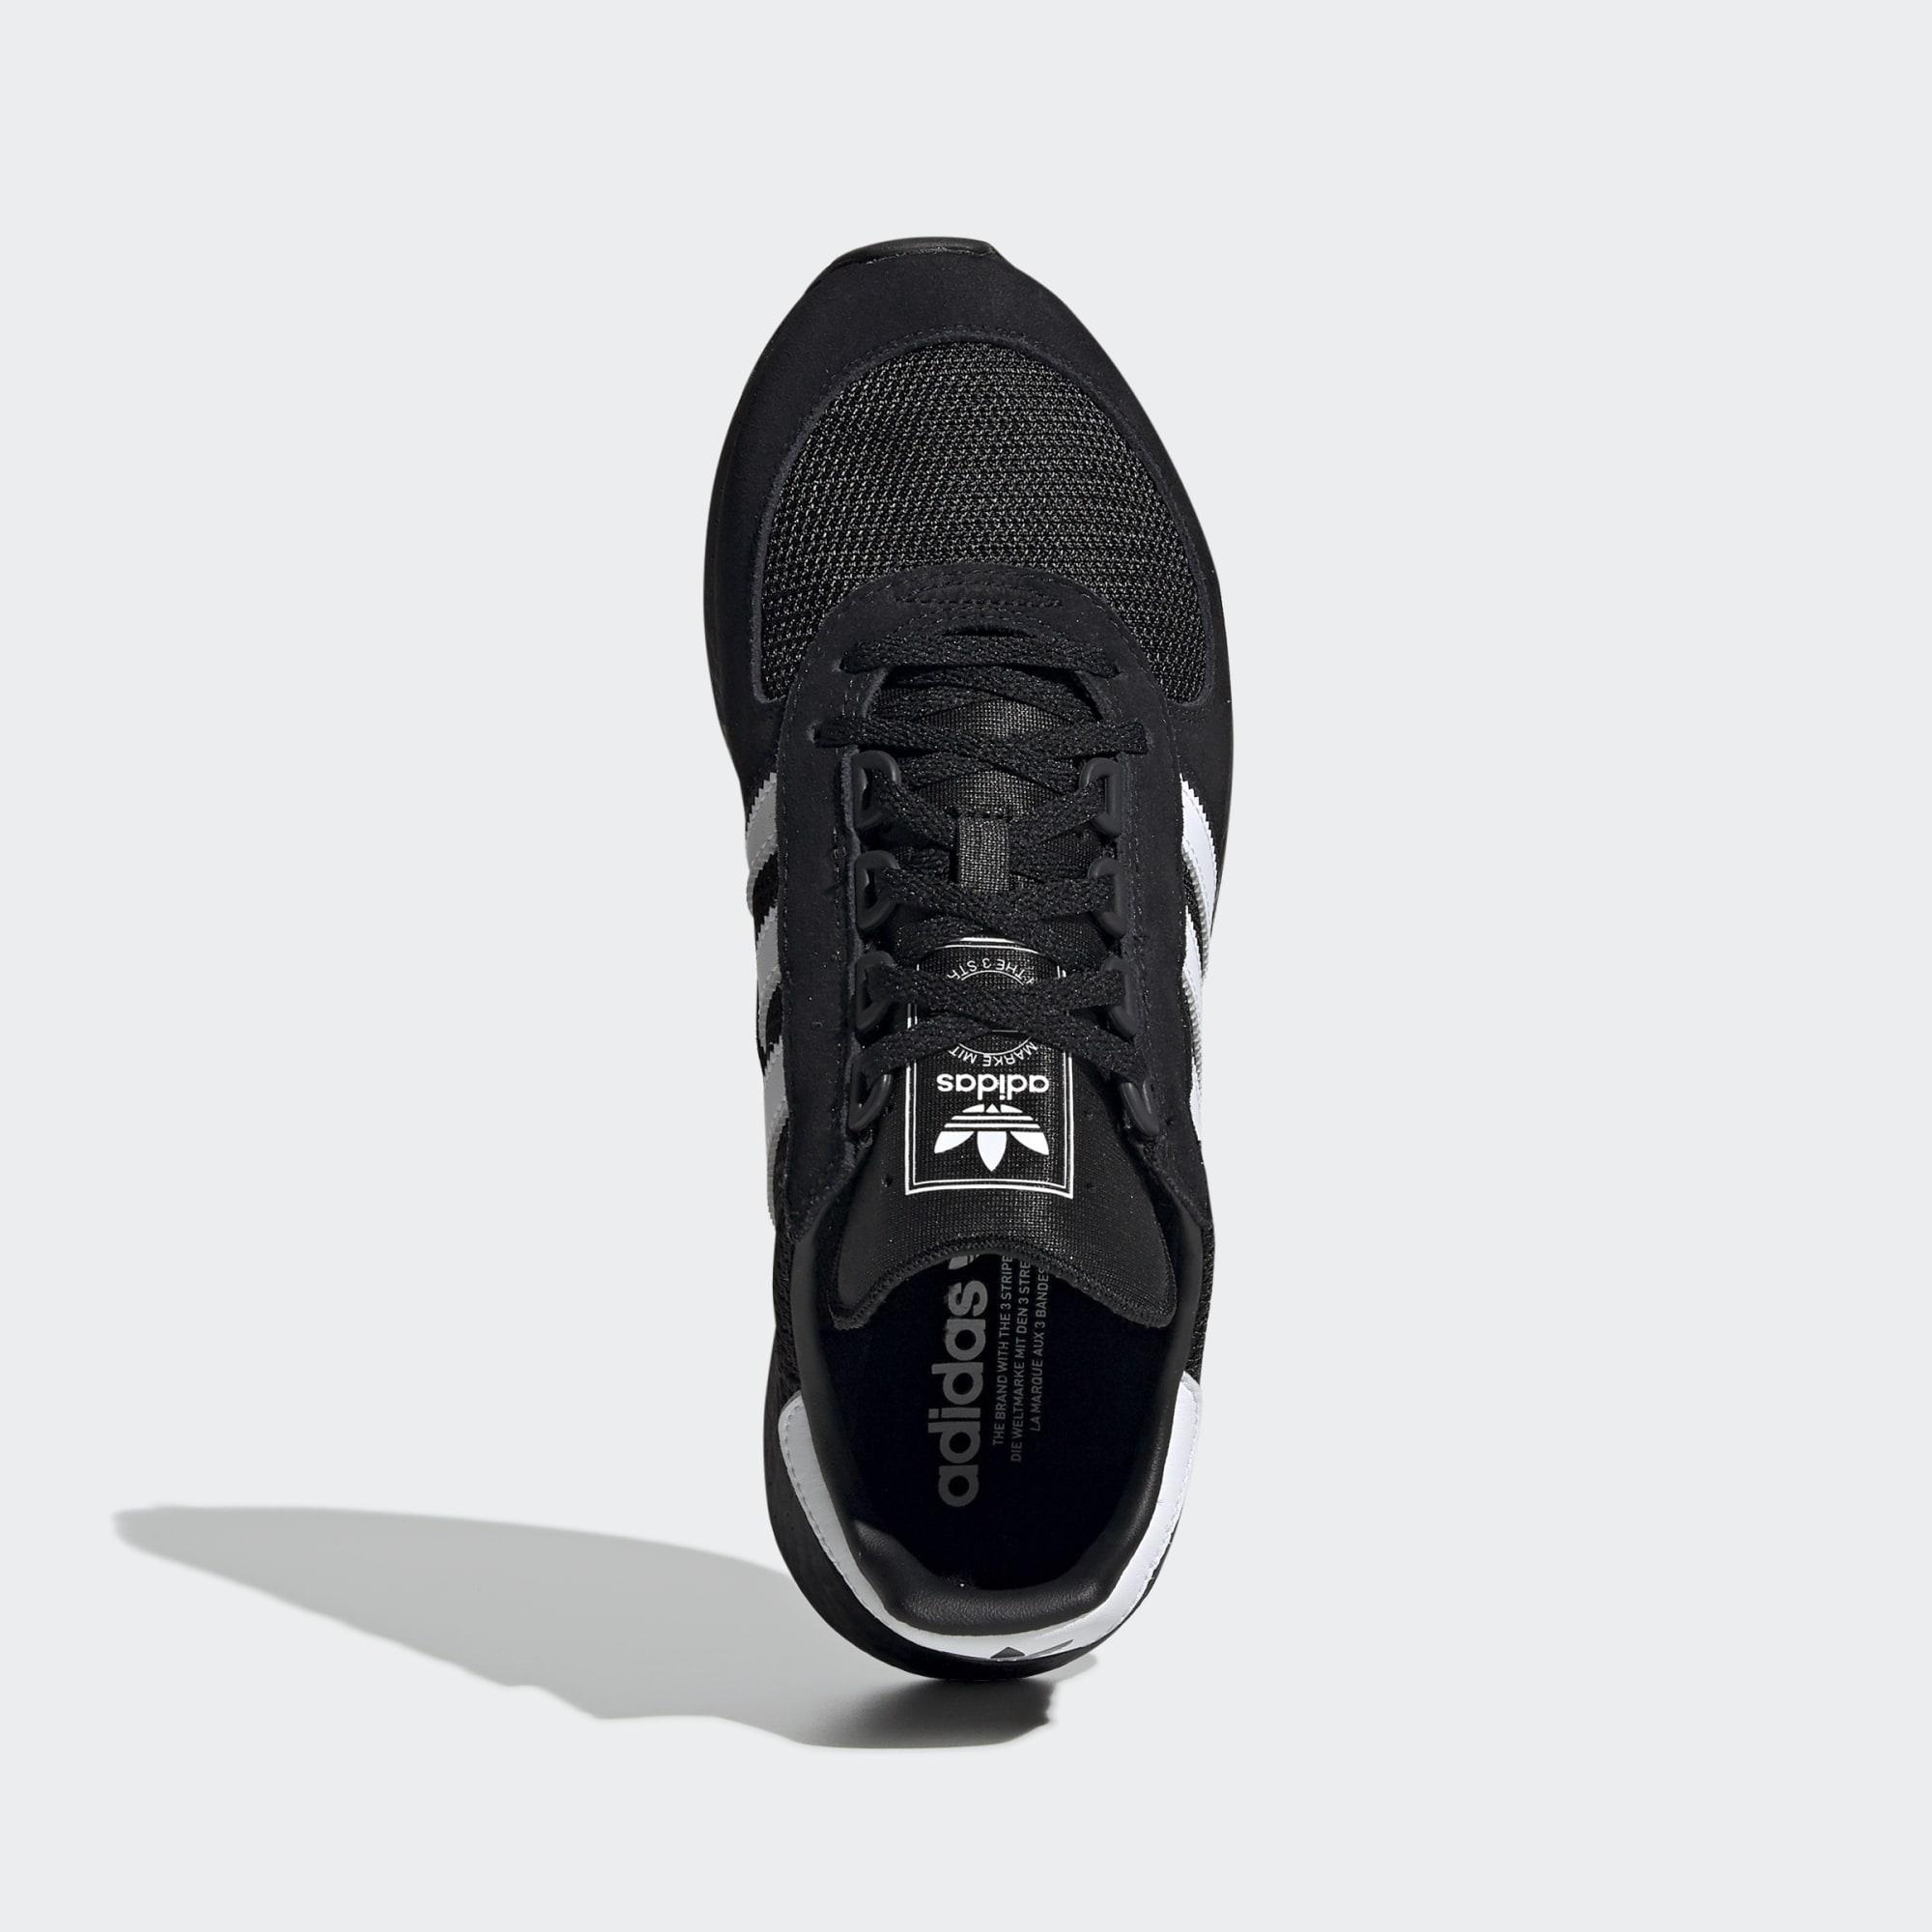 Zapatilla Marathon Tech adidas de Tejido sintético de color Negro